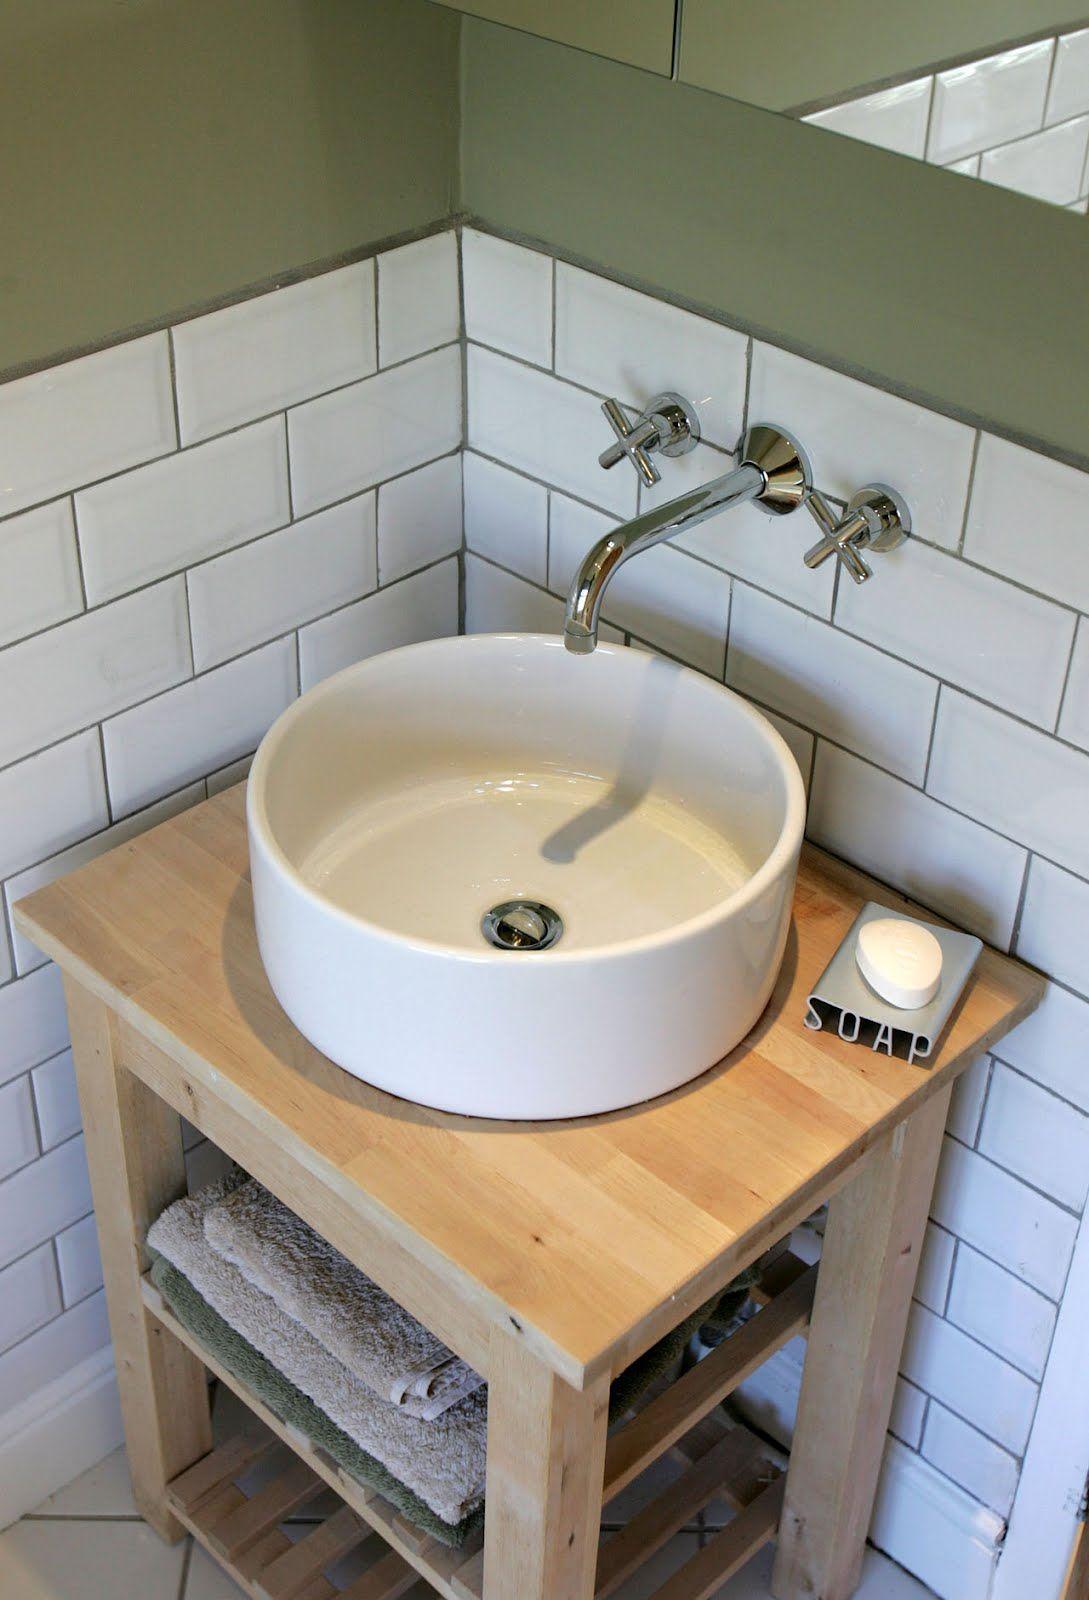 10 id es pour ranger efficacement sa salle de bain salle for Idee pour refaire sa salle de bain